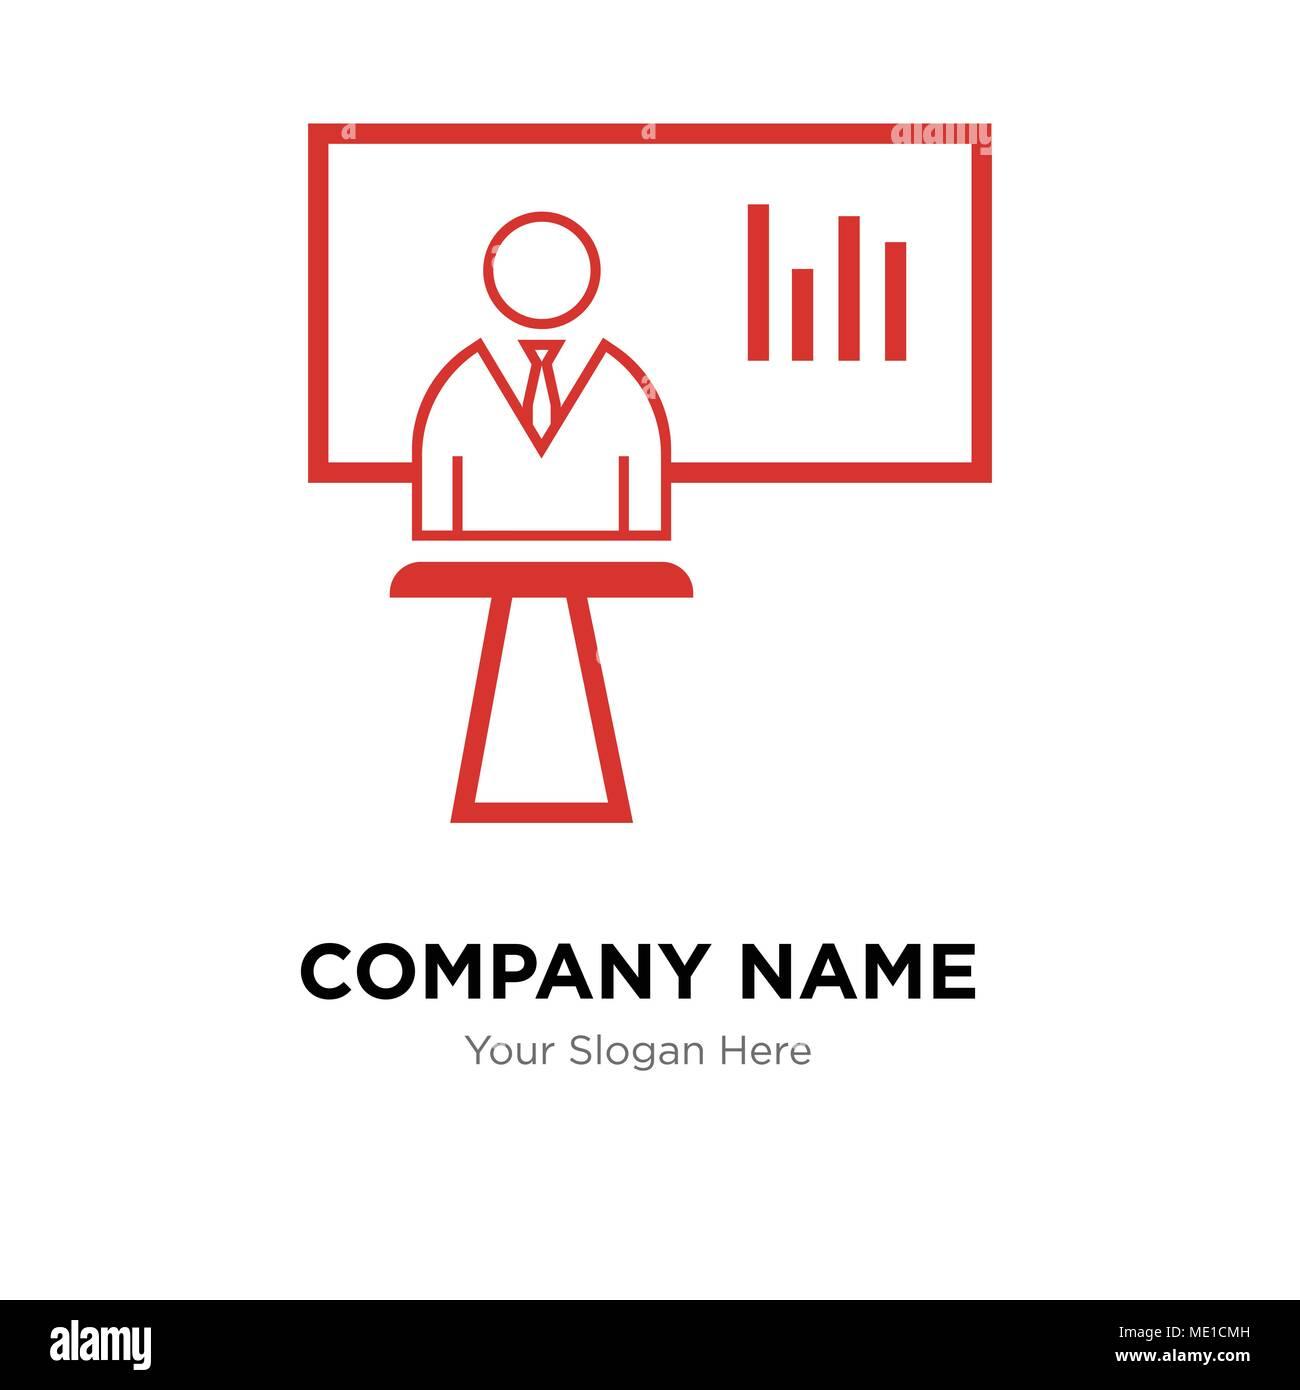 News presenter company logo design template business corporate news presenter company logo design template business corporate vector icon maxwellsz